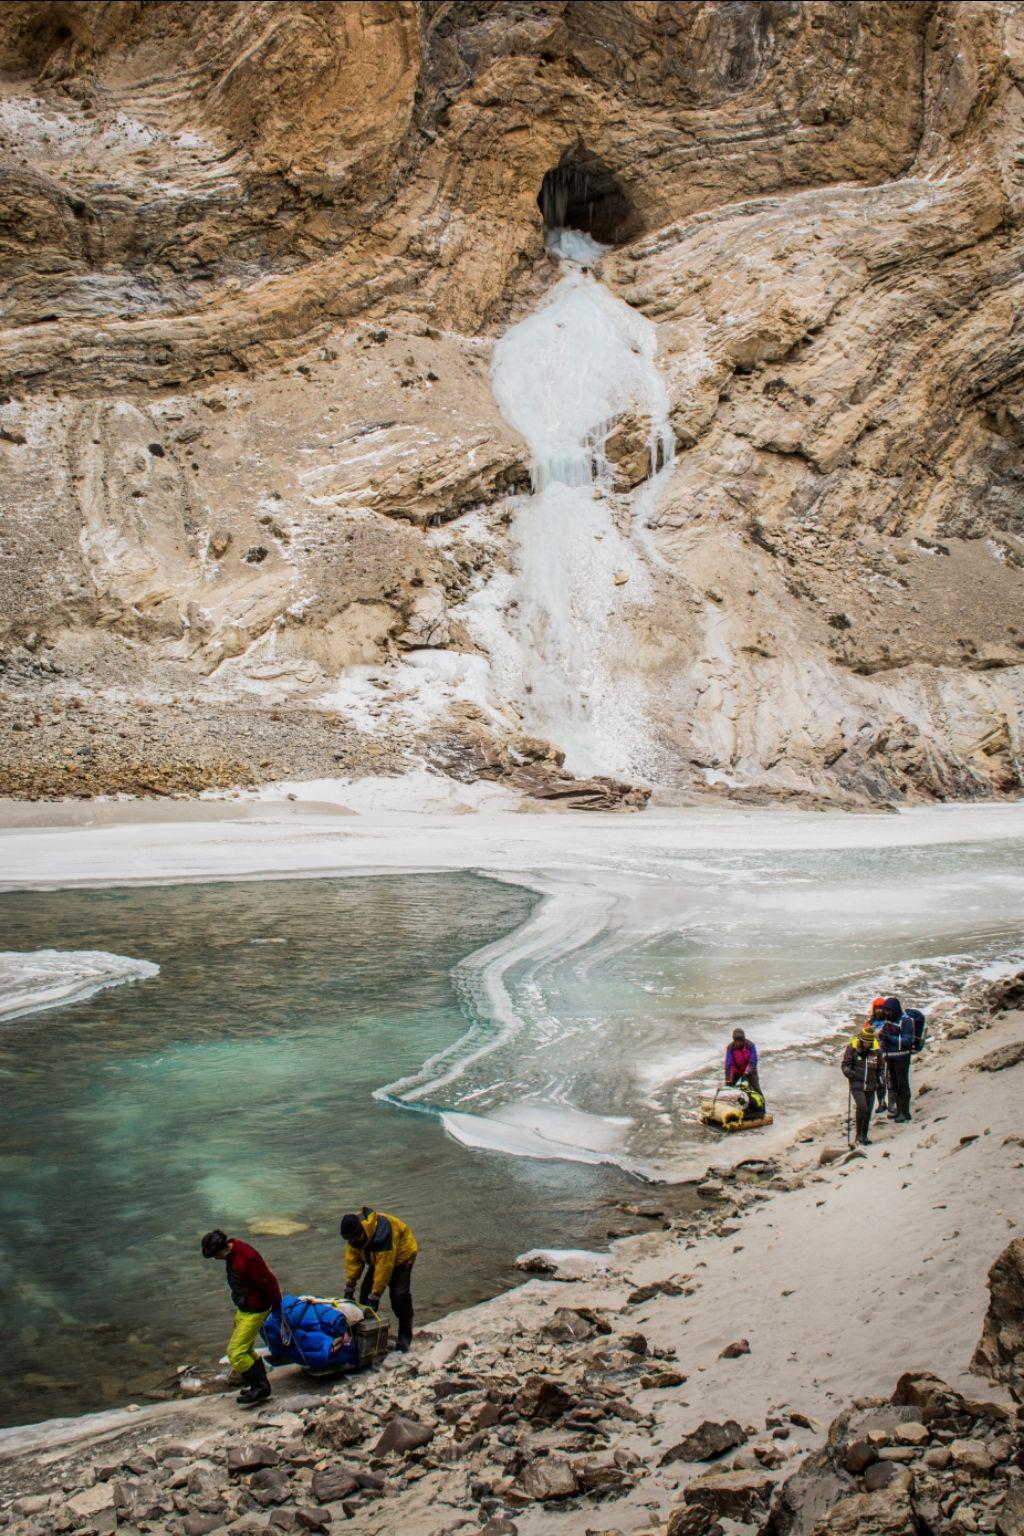 Photo of Chadar trek - Trekking In Ladakh - Frozen River Trekking In Ladakh By Deepesh Agarwal